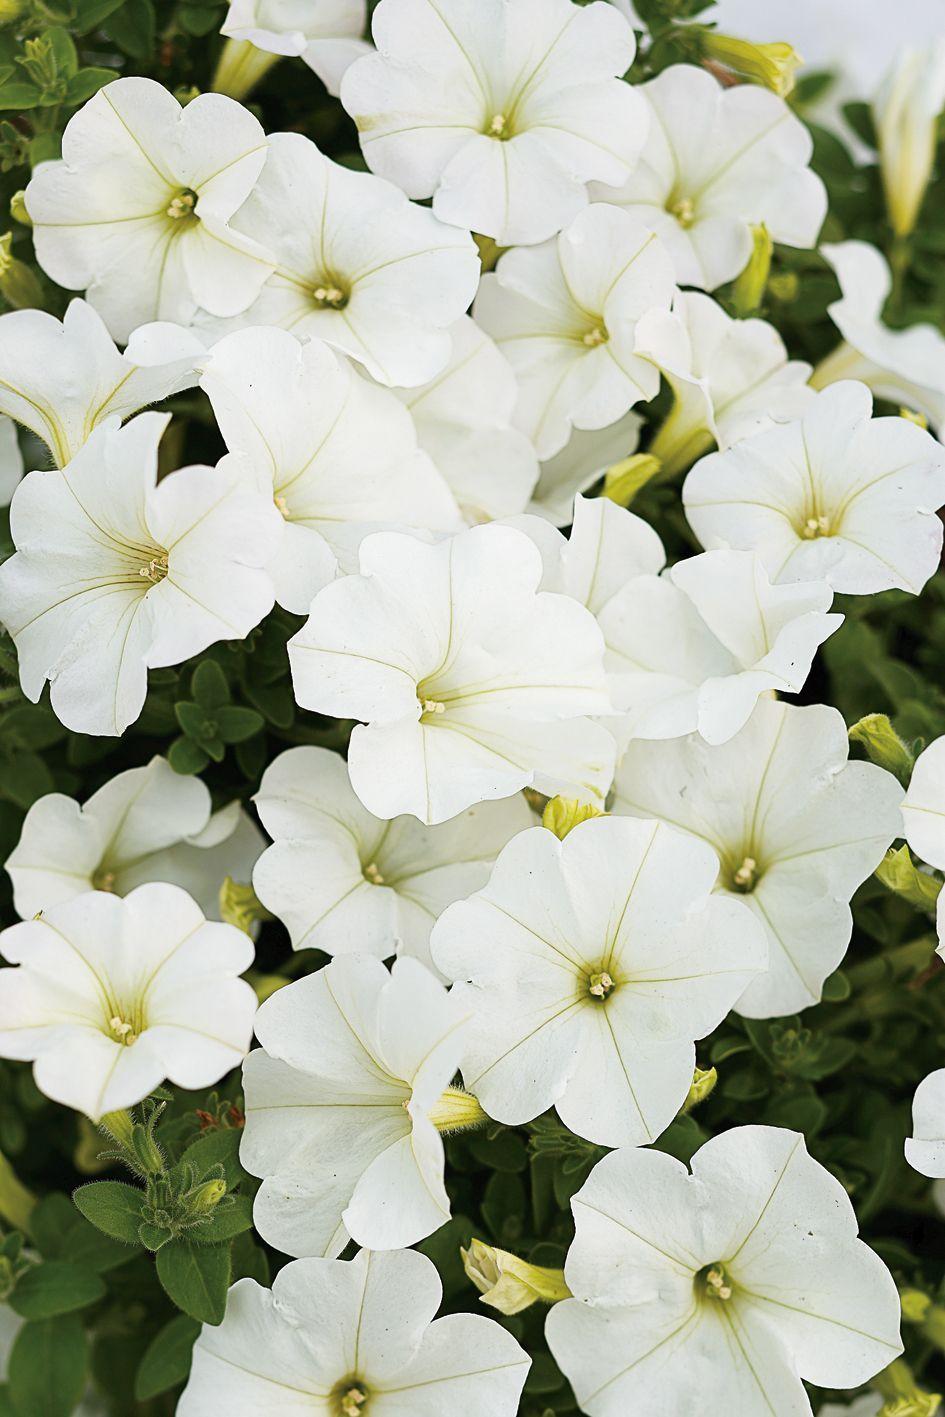 Supertunia Mini White is a beautiful trailing Petunia